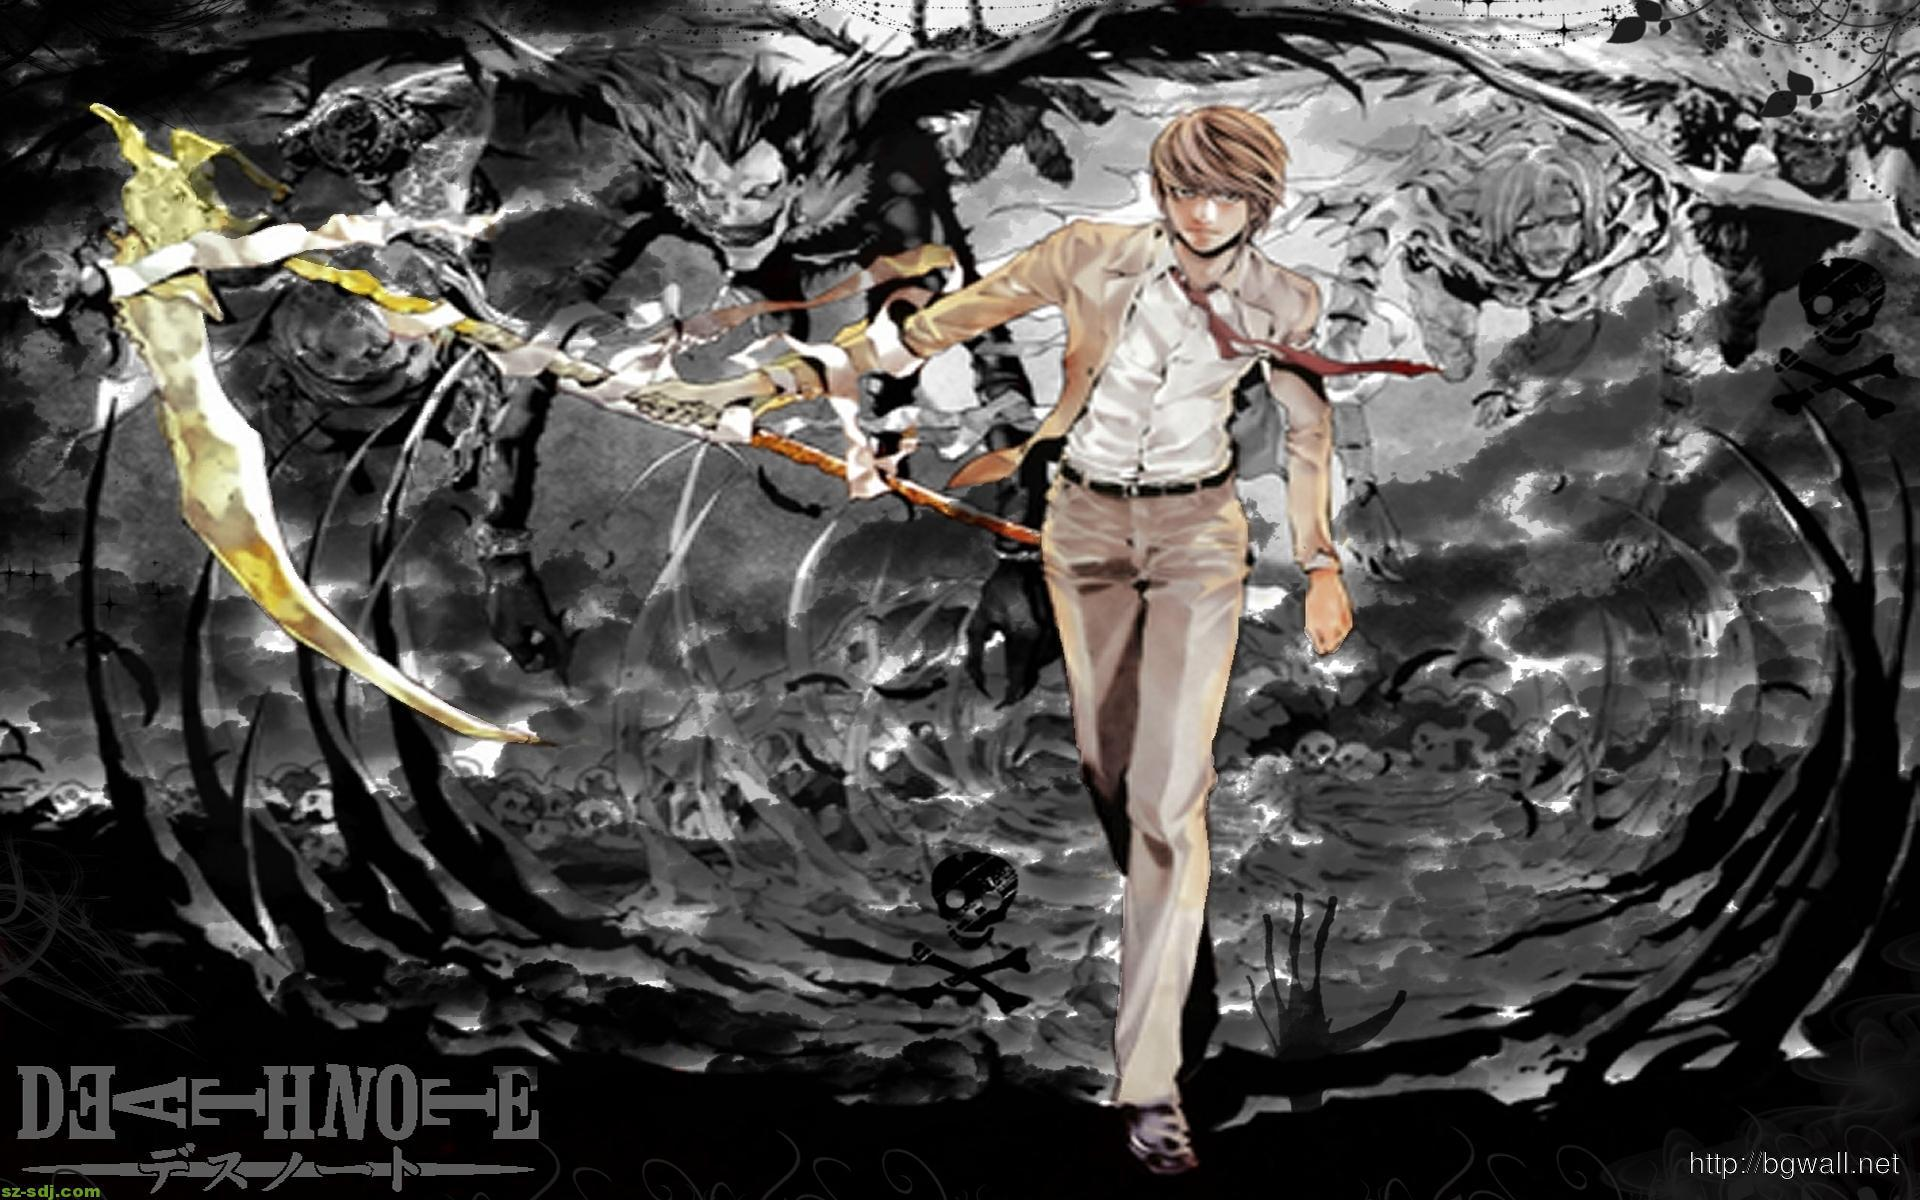 1920x1200 Death Note Hình nền Manga Art HD - Hình nền nền HD